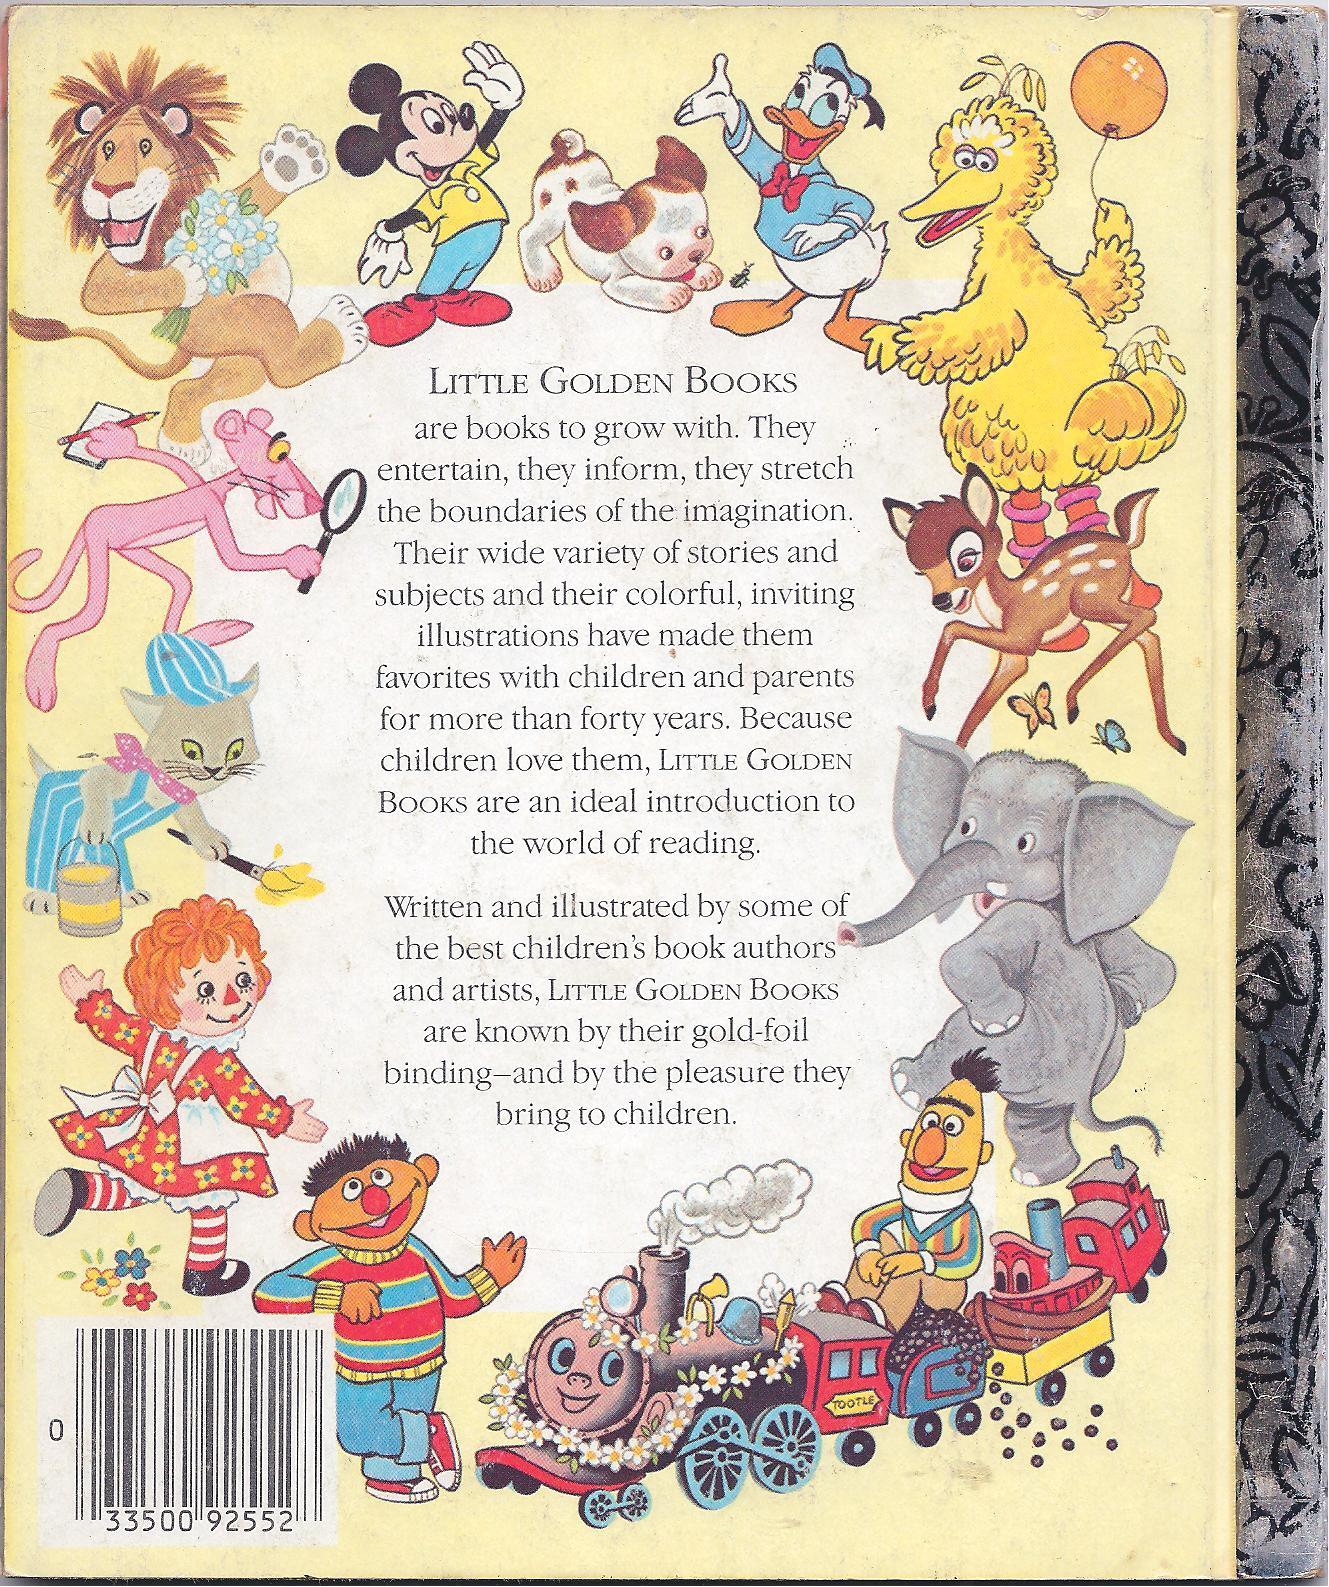 Little Golden Books Disney Lion King Mickey Lot Of 12 Children's Books Vintage